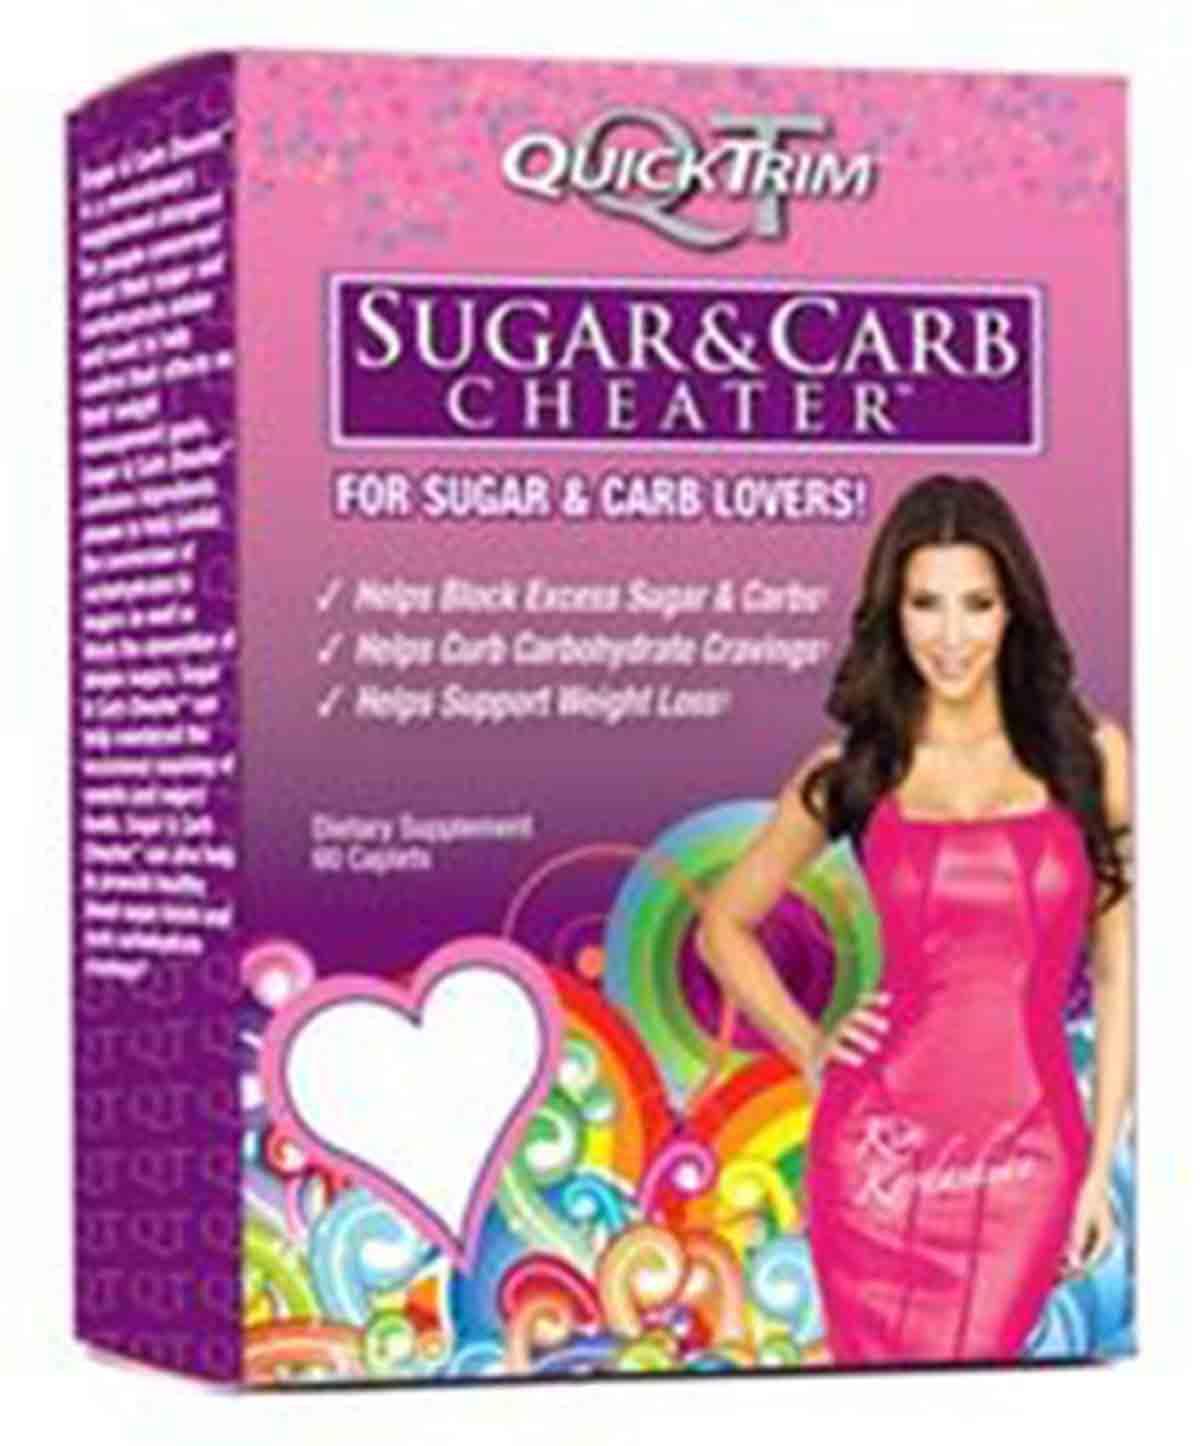 QuickTrim Sugar and Carbs Cheater